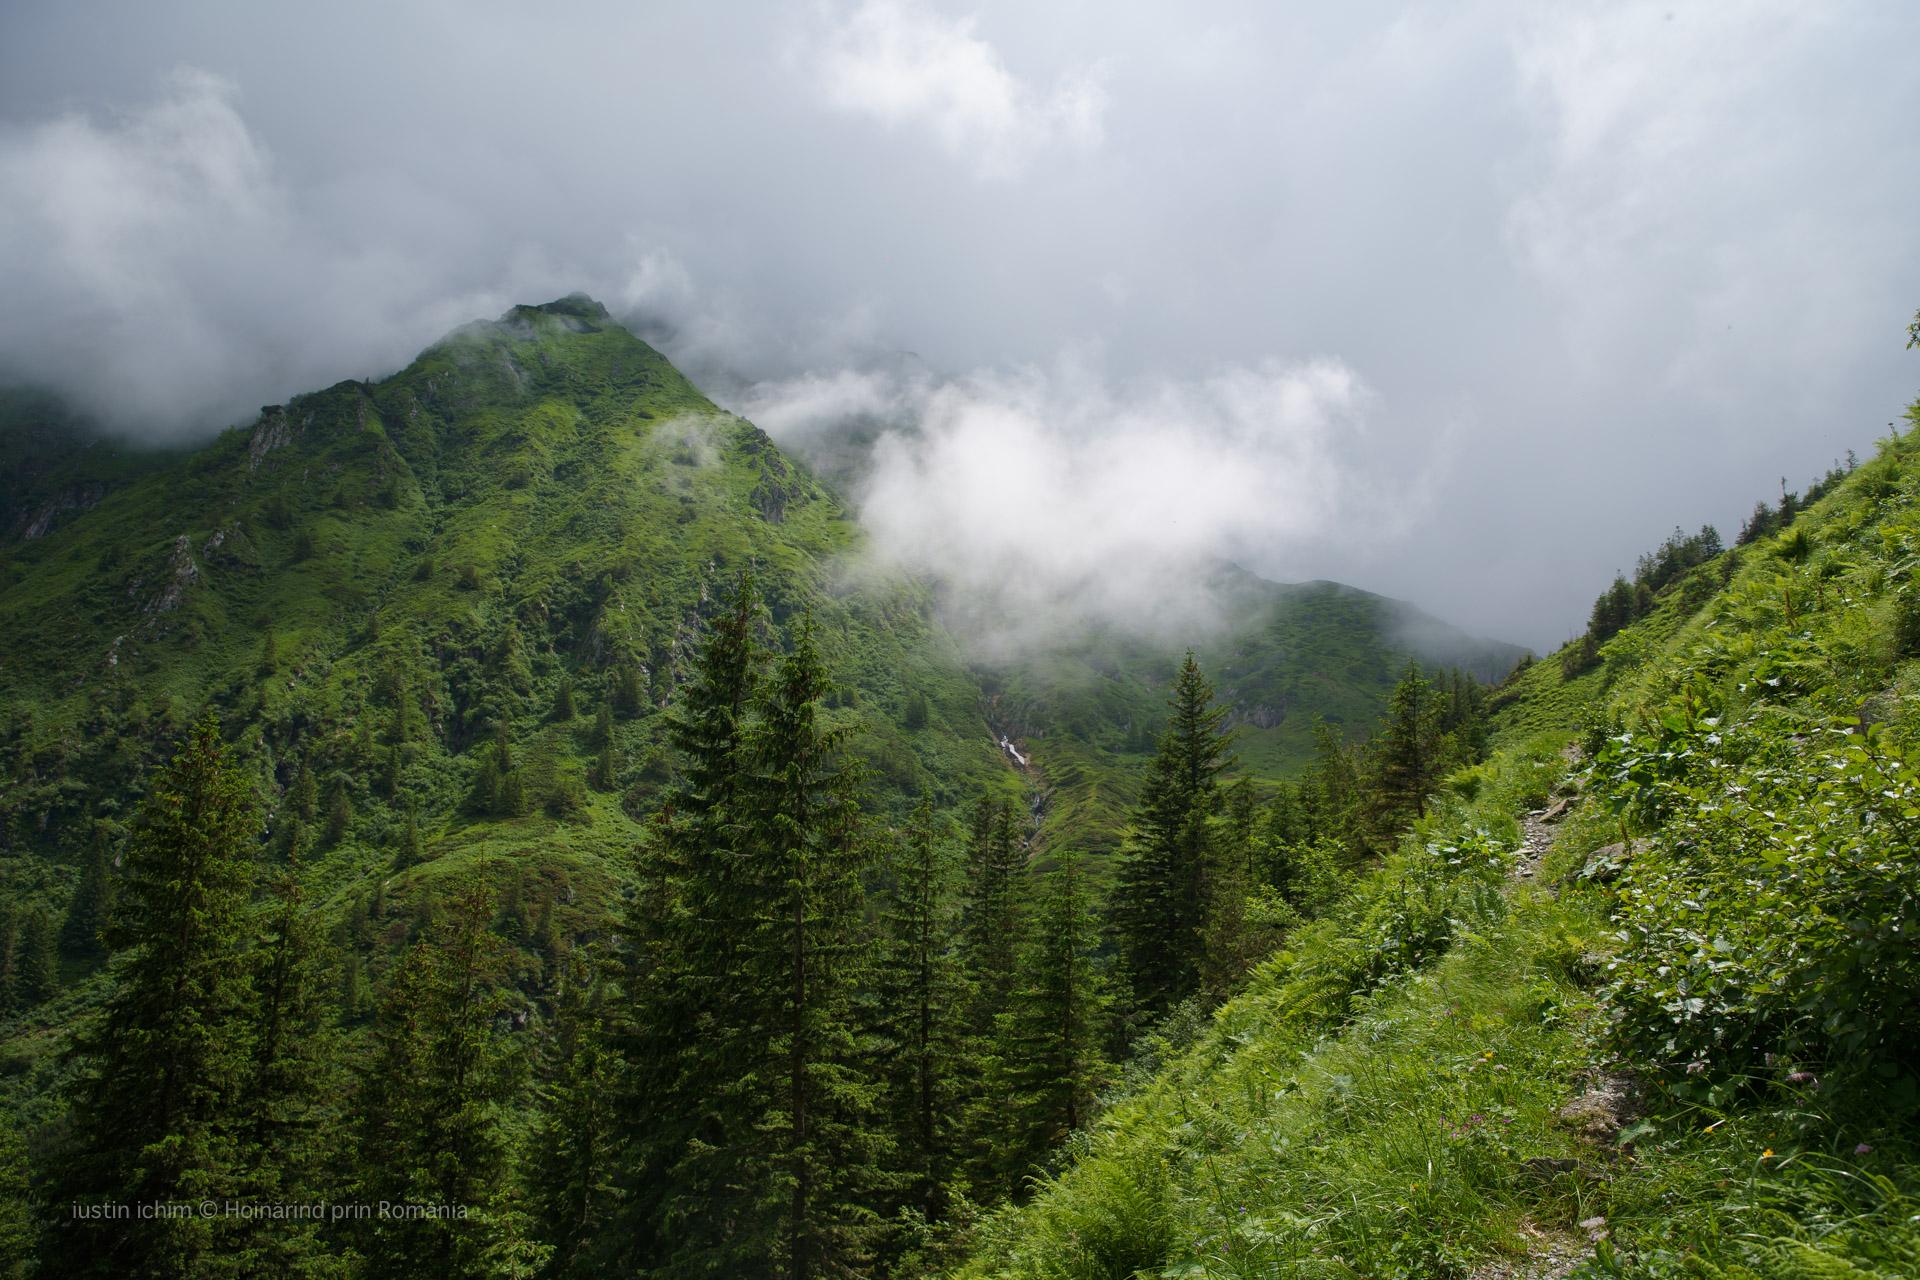 Peisaj, traseu Podragu, Făgăraș